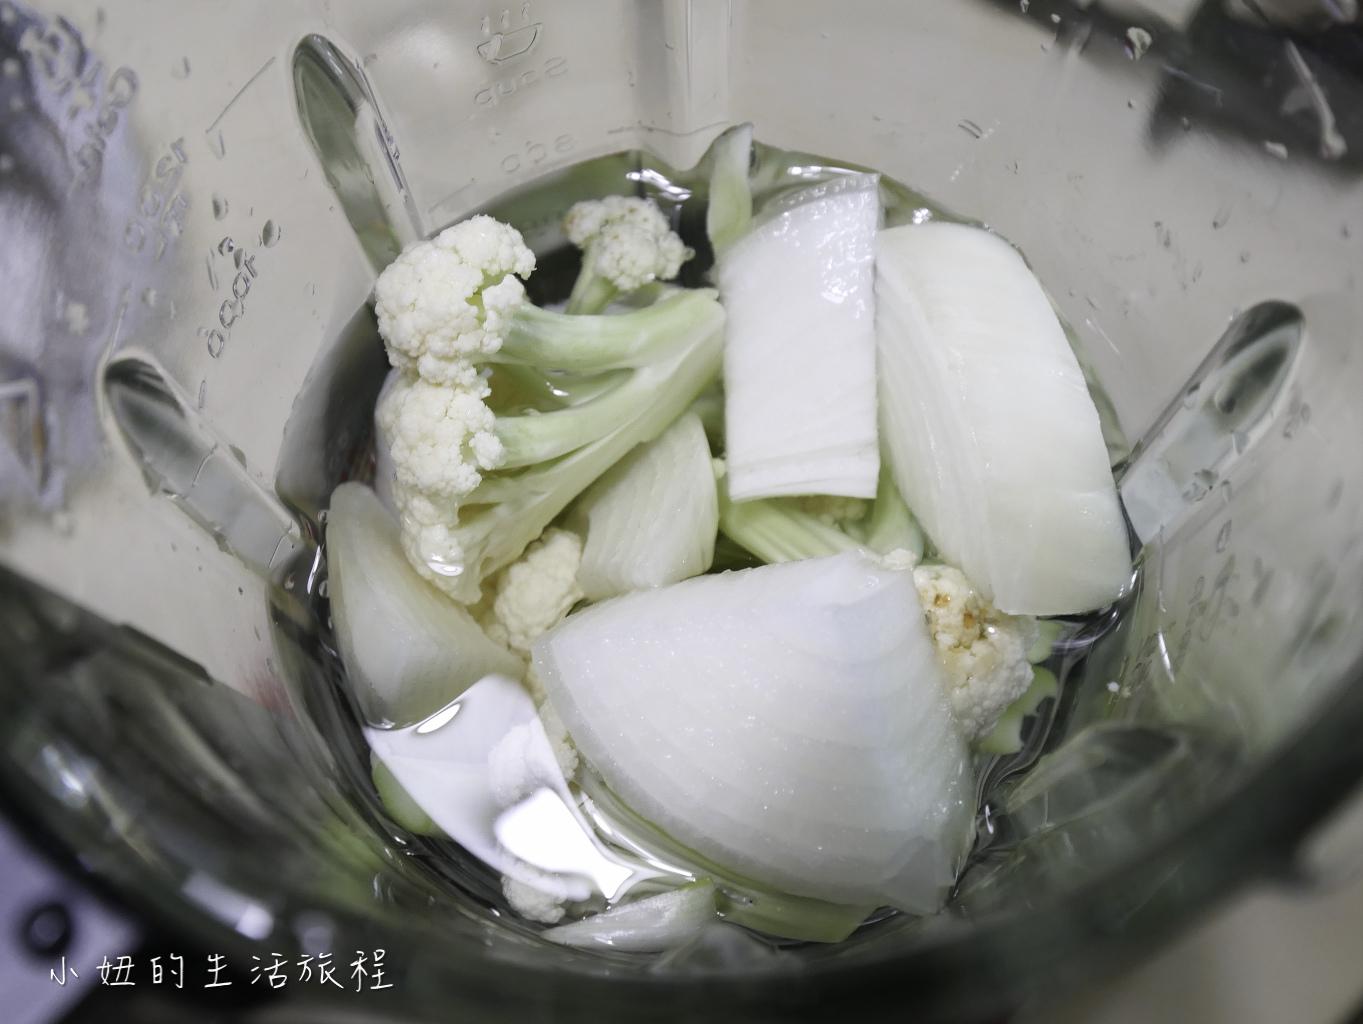 Tefal法國特福高速熱能營養調理機-43.jpg